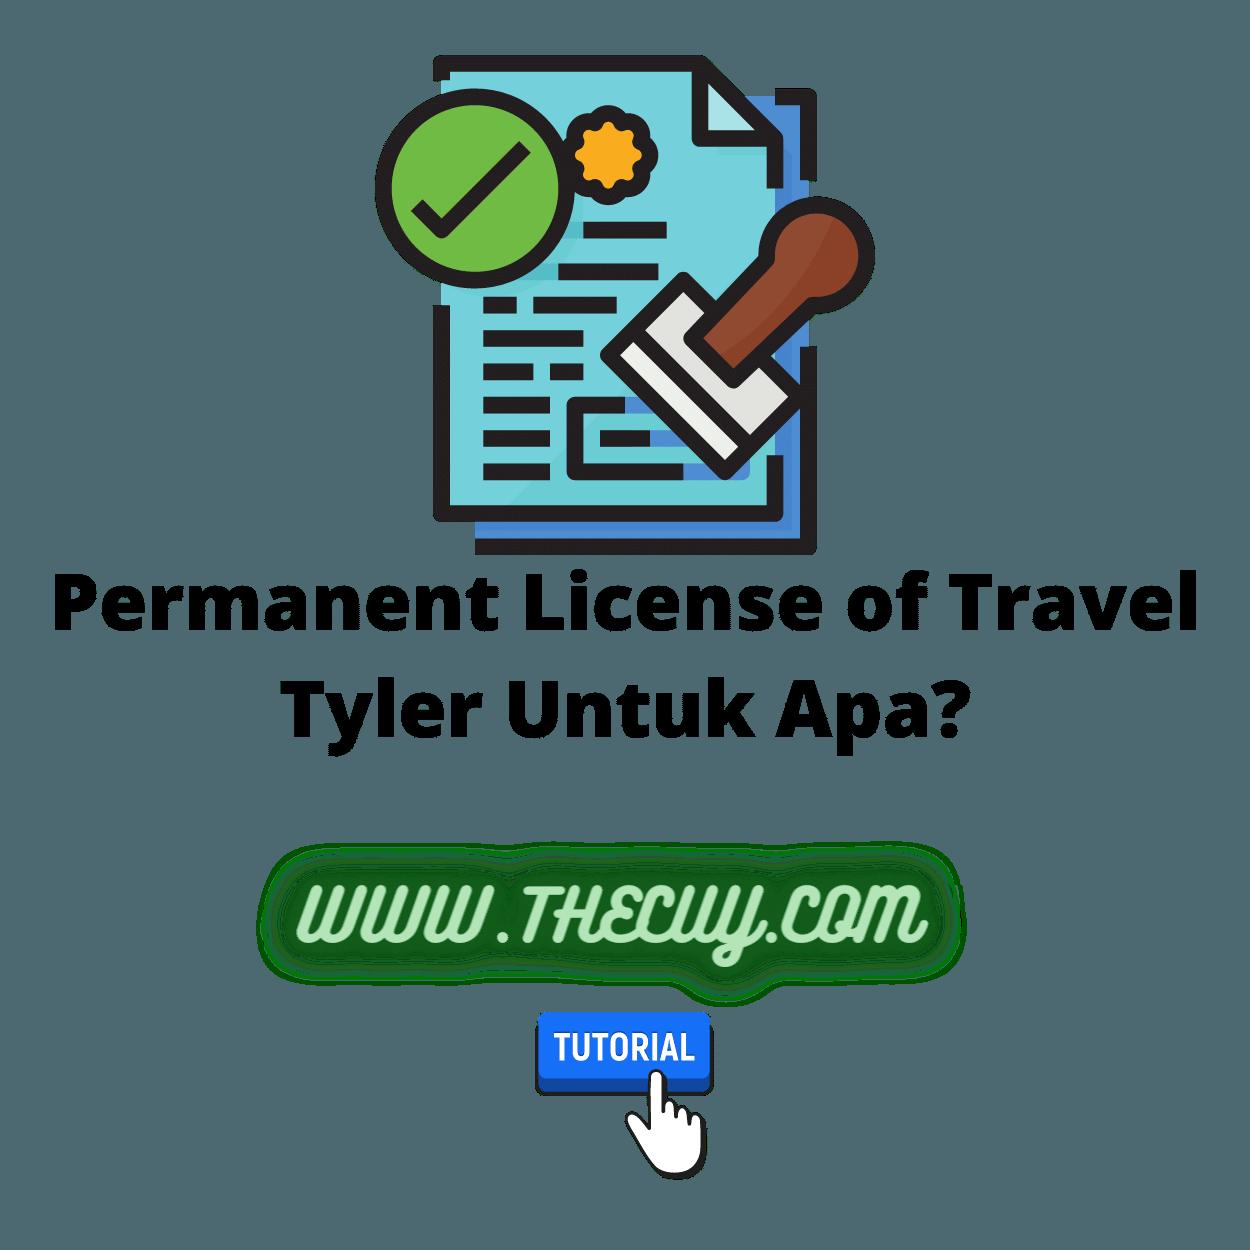 Permanent License of Travel Tyler Untuk Apa?